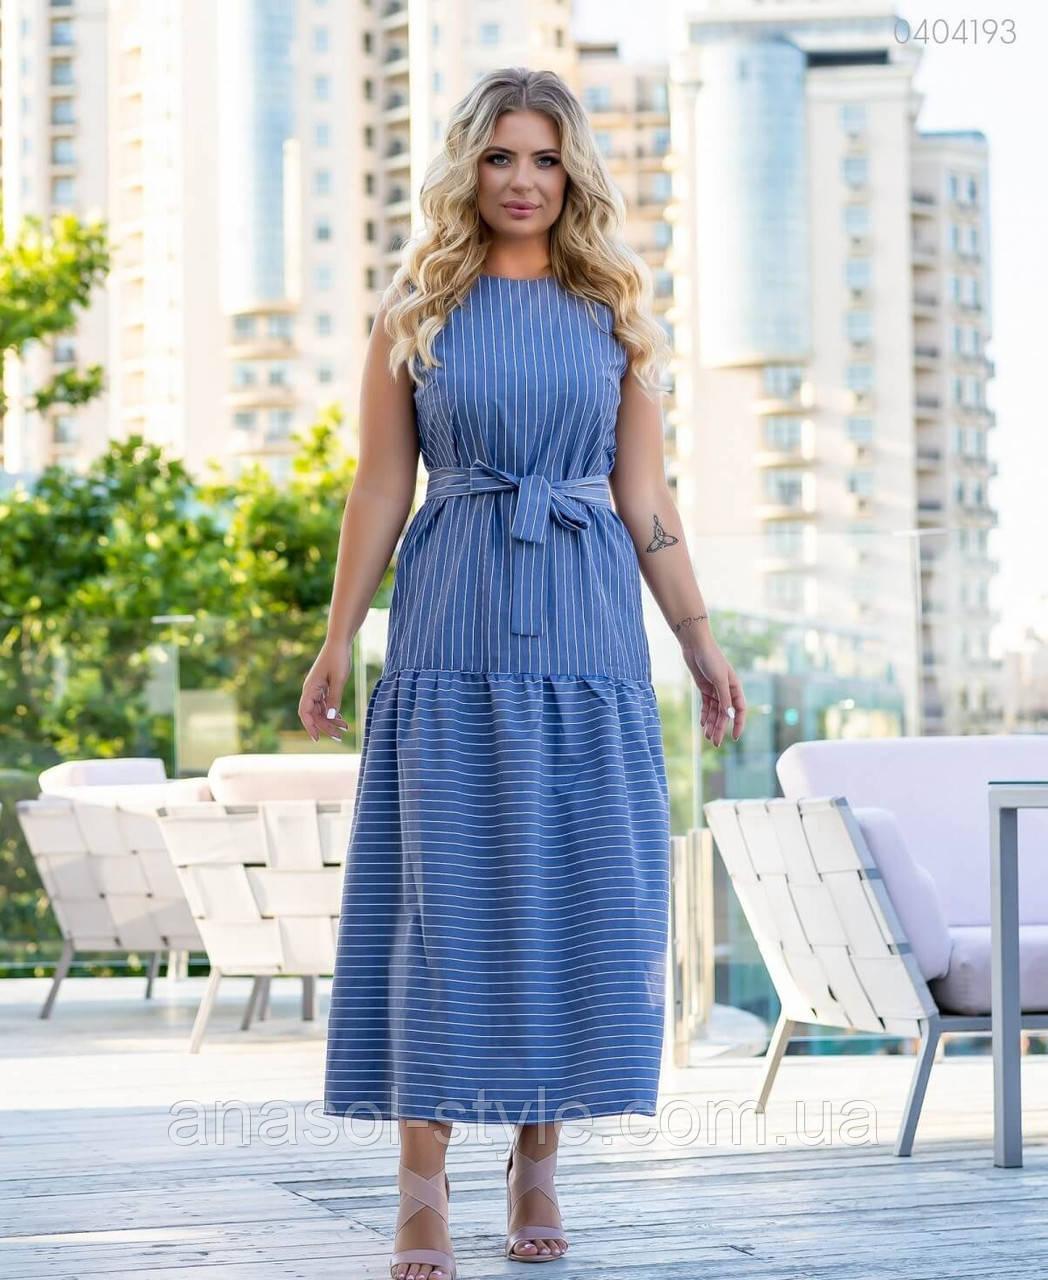 Летнее платье с поясом Гонолулу в полоску больших размеров цвет джинс